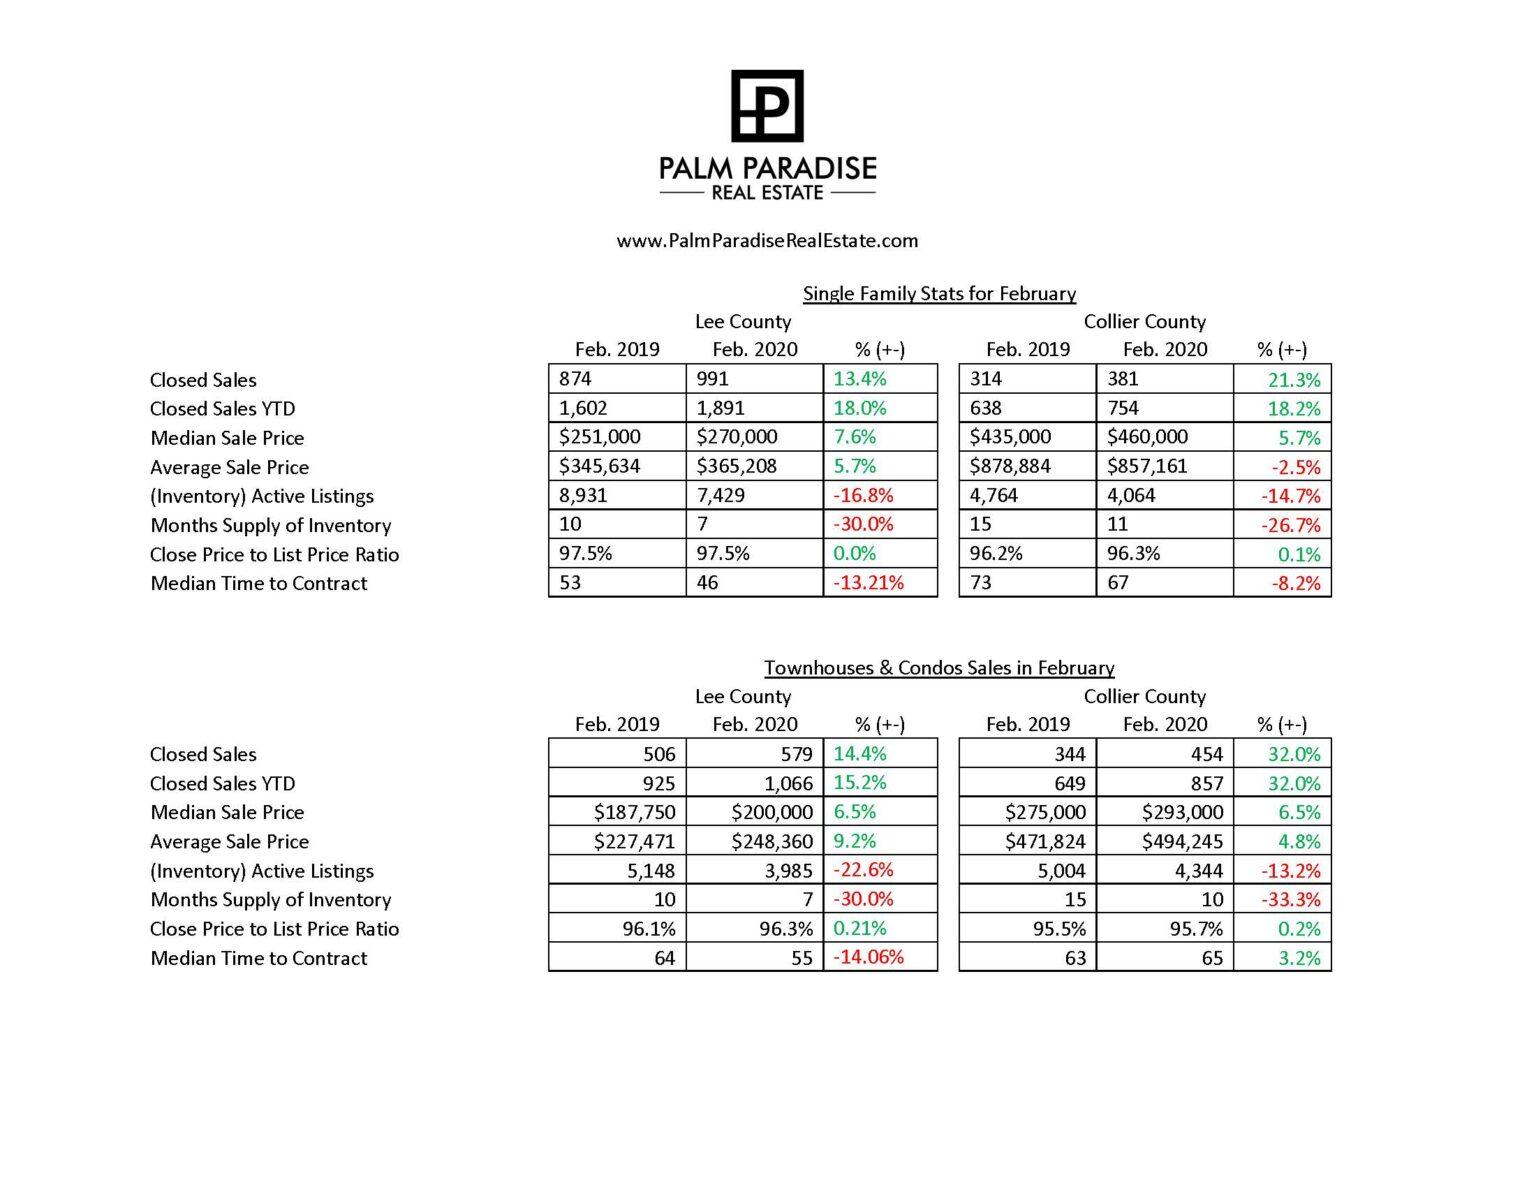 Market Statistics for February 2020